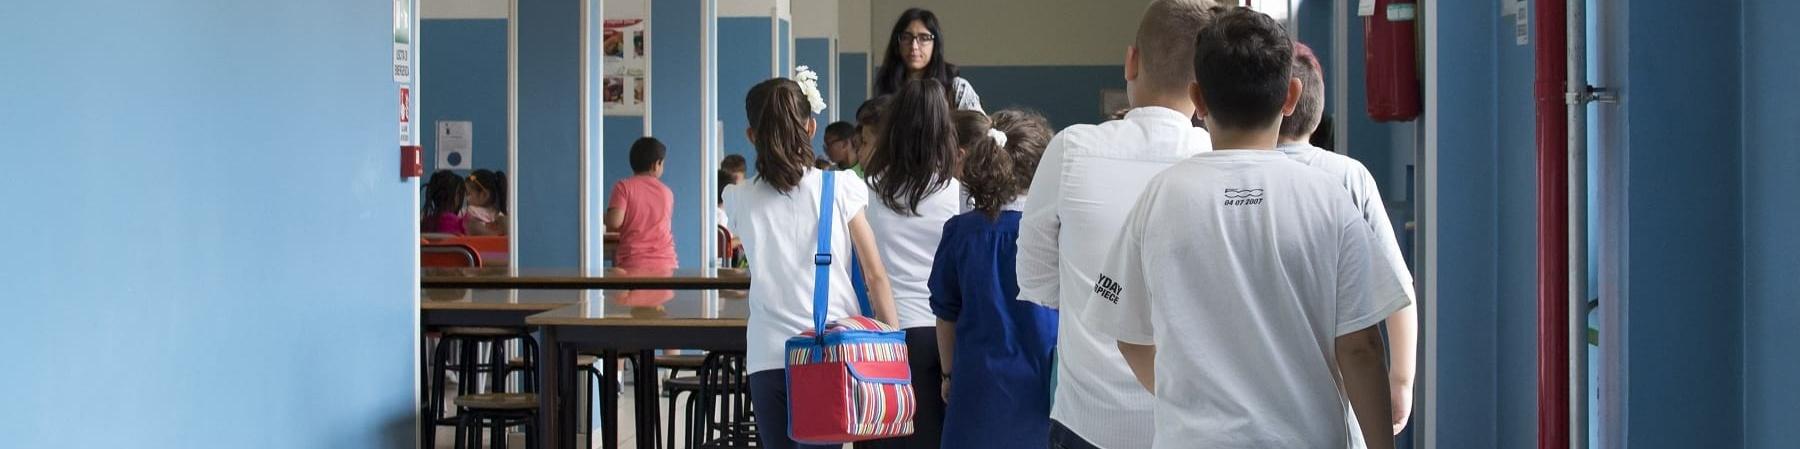 Bambini in fila nel corridoio di una scuola sono inquadrati di spalle mentre camminano verso l insegnate sullo sfondo girata verso di loro